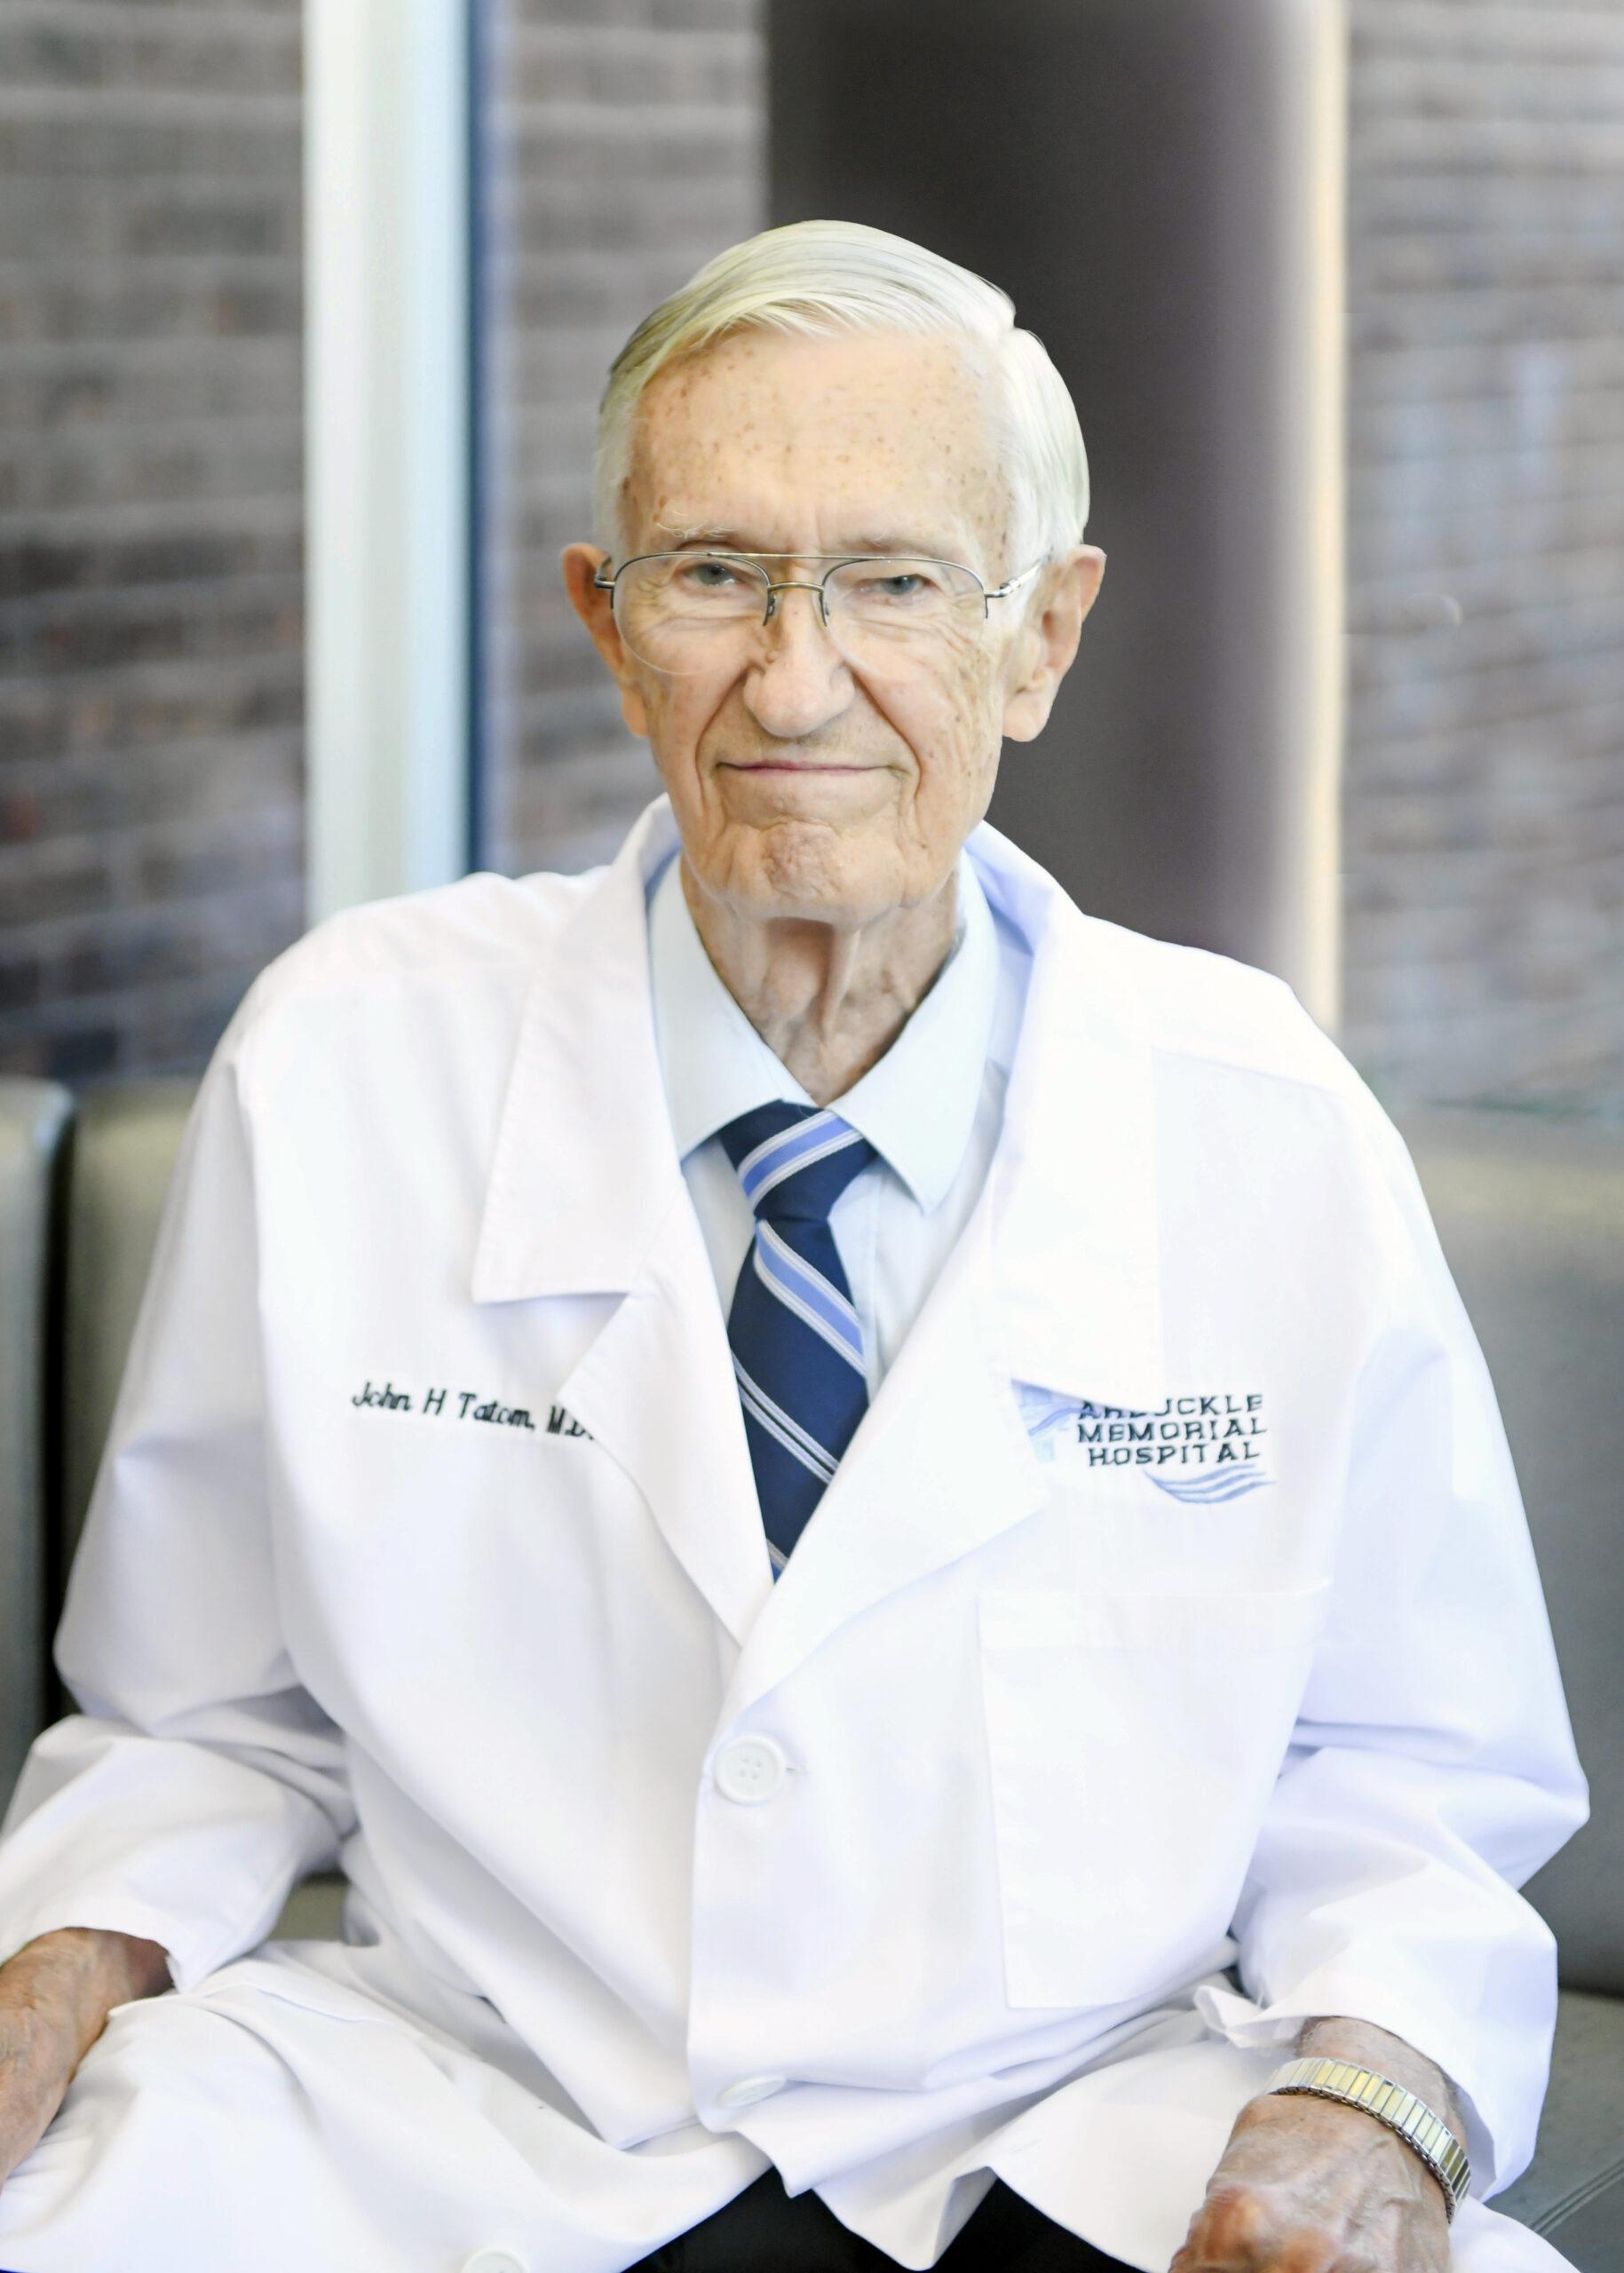 Dr. Tatom